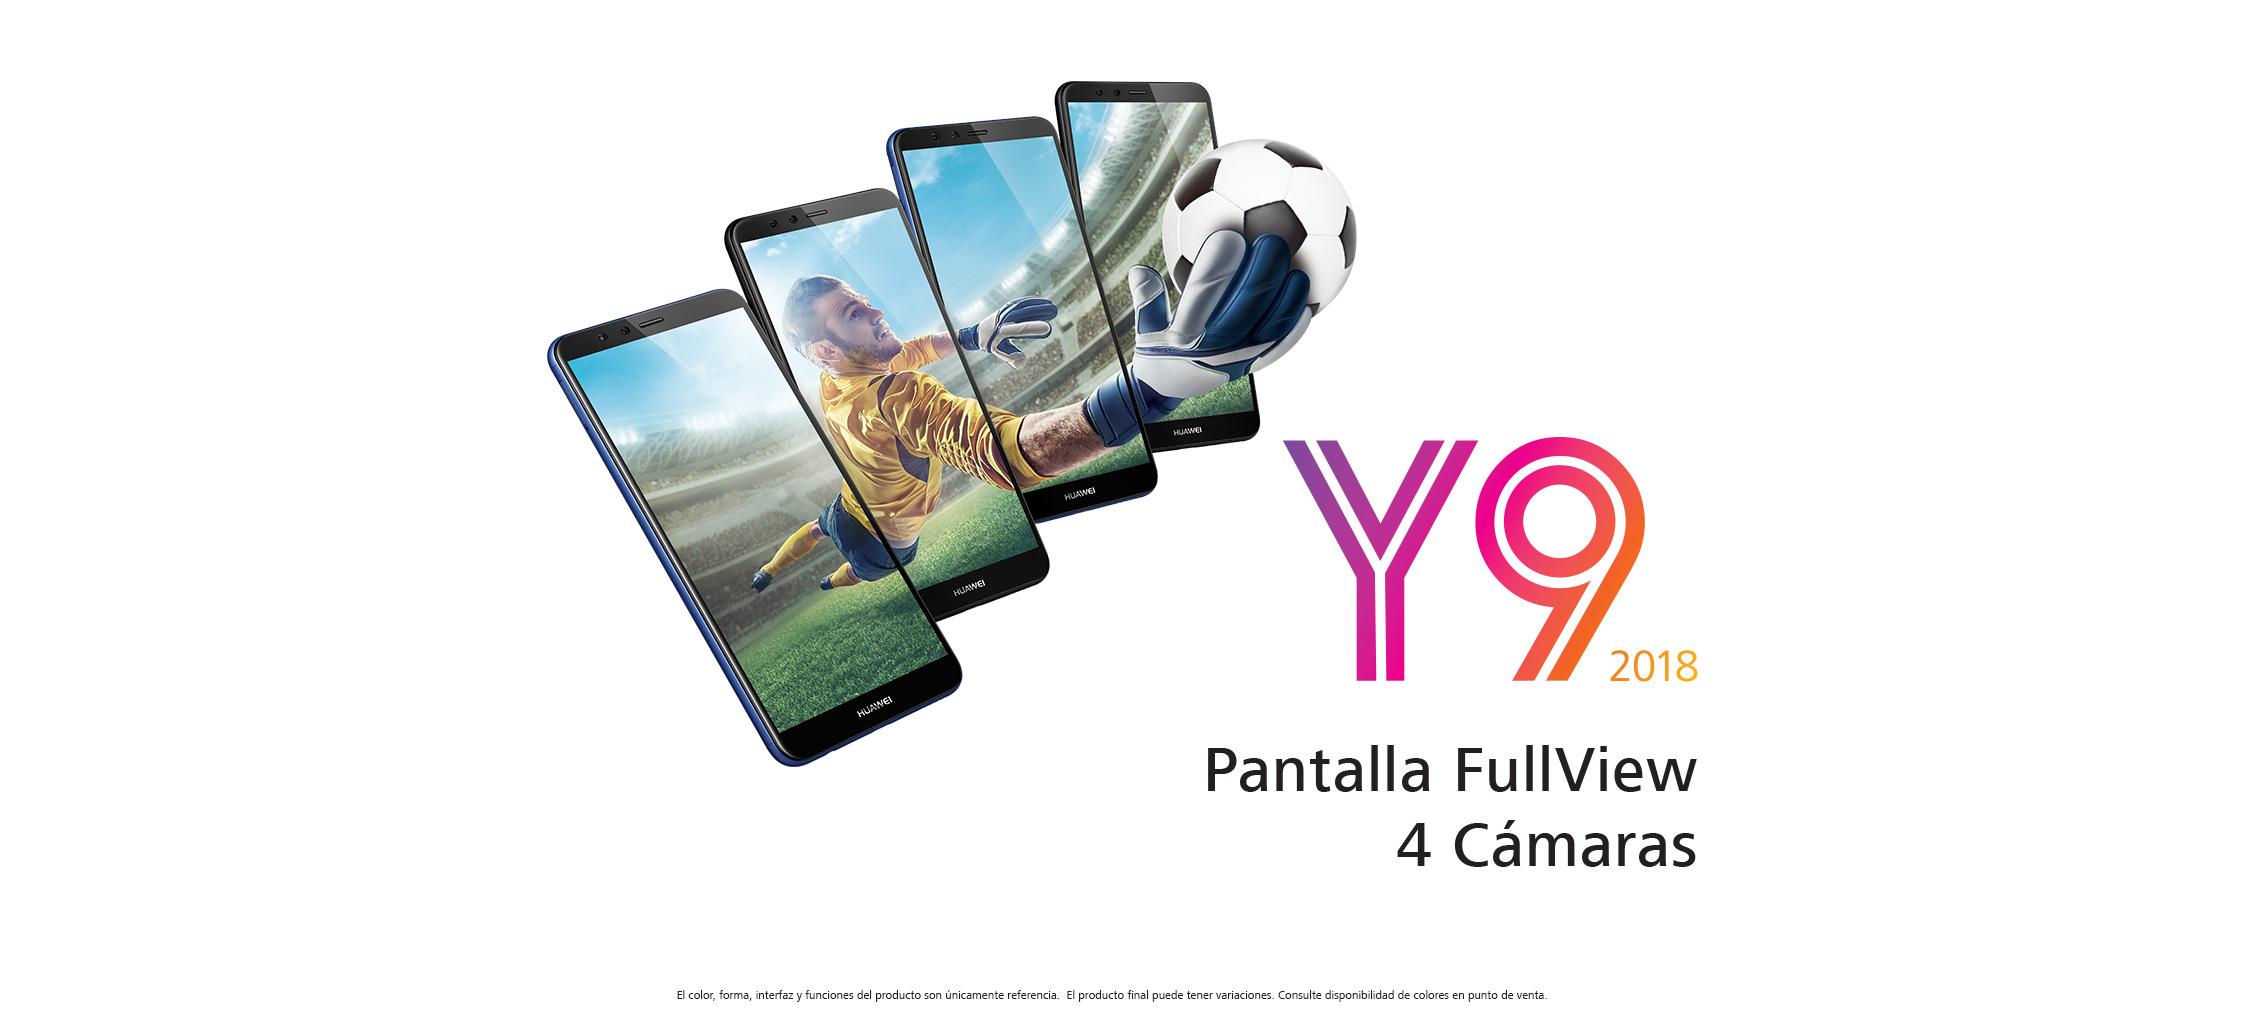 f8b54d02d4c HUAWEI Y9 2018, batería grande, cámara dual, mejor teléfono selfie ...